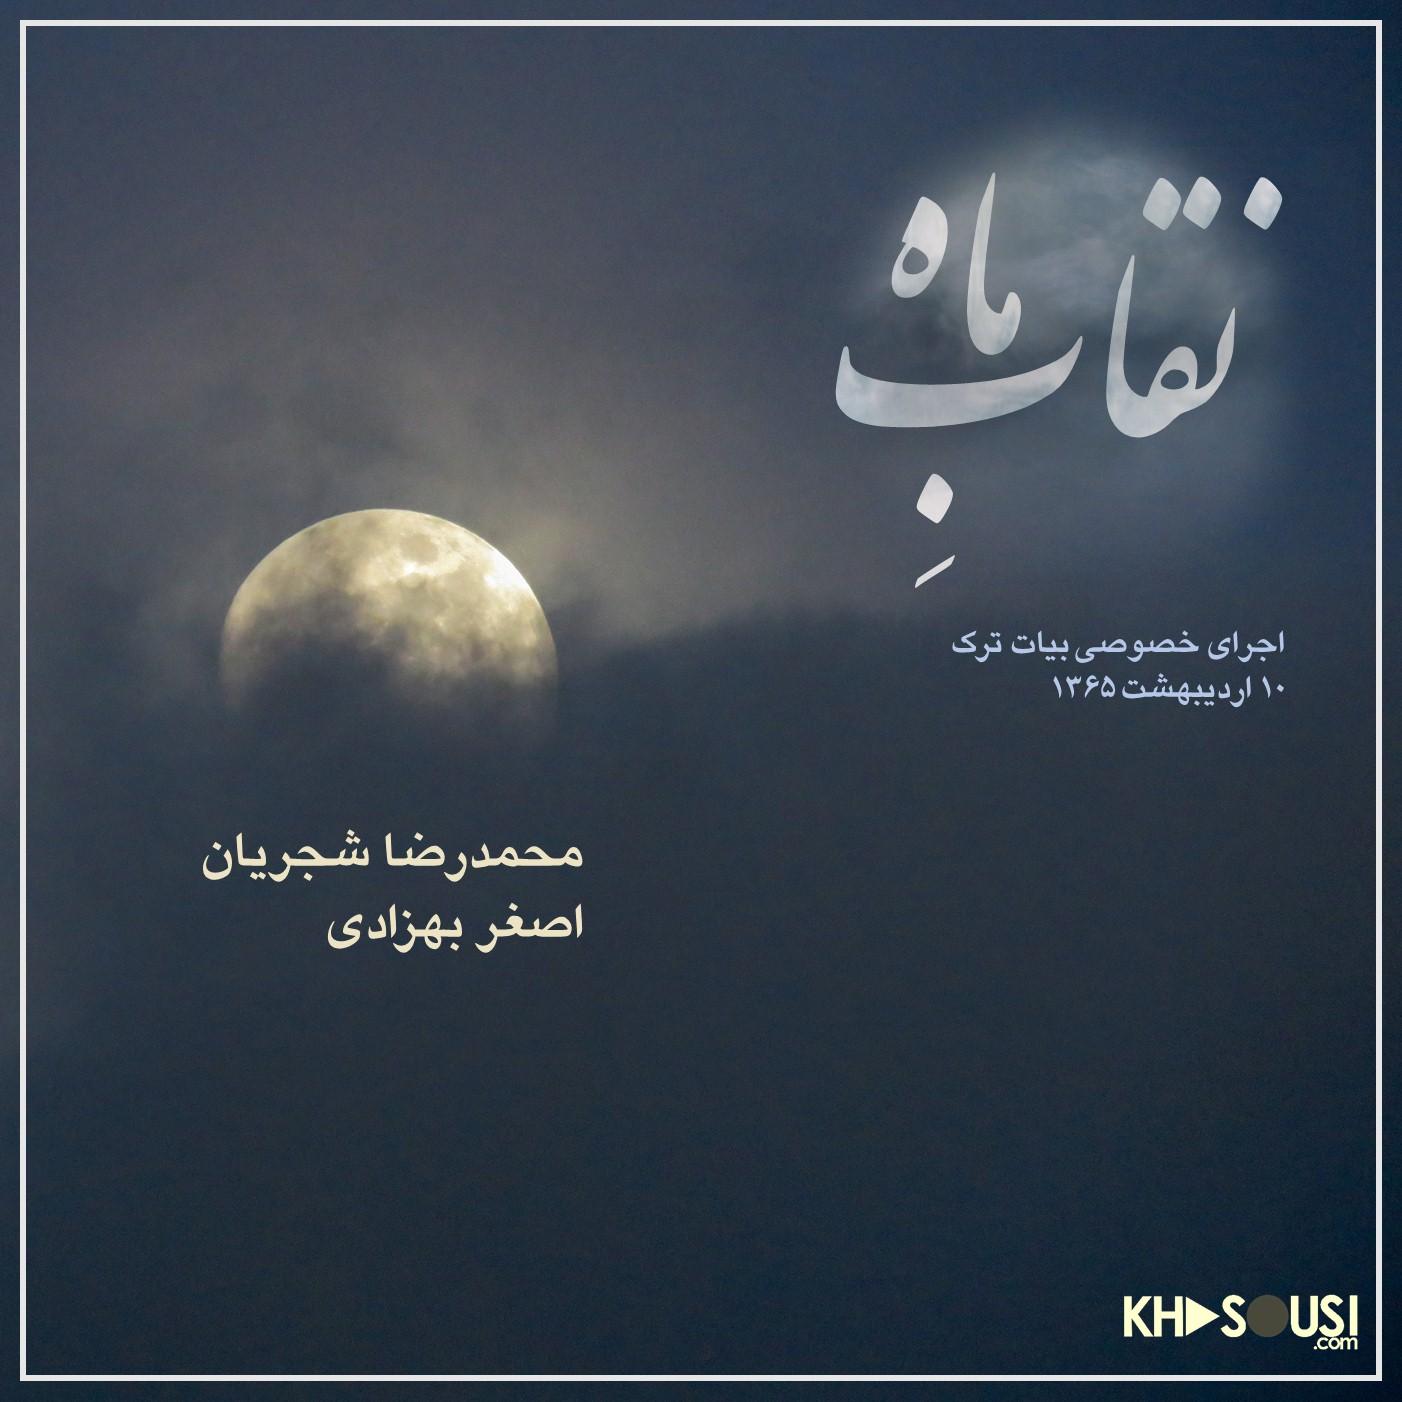 نقاب ماه - اجرای خصوصی محمدرضا شجریان و اصغر بهزادی در بیات زند